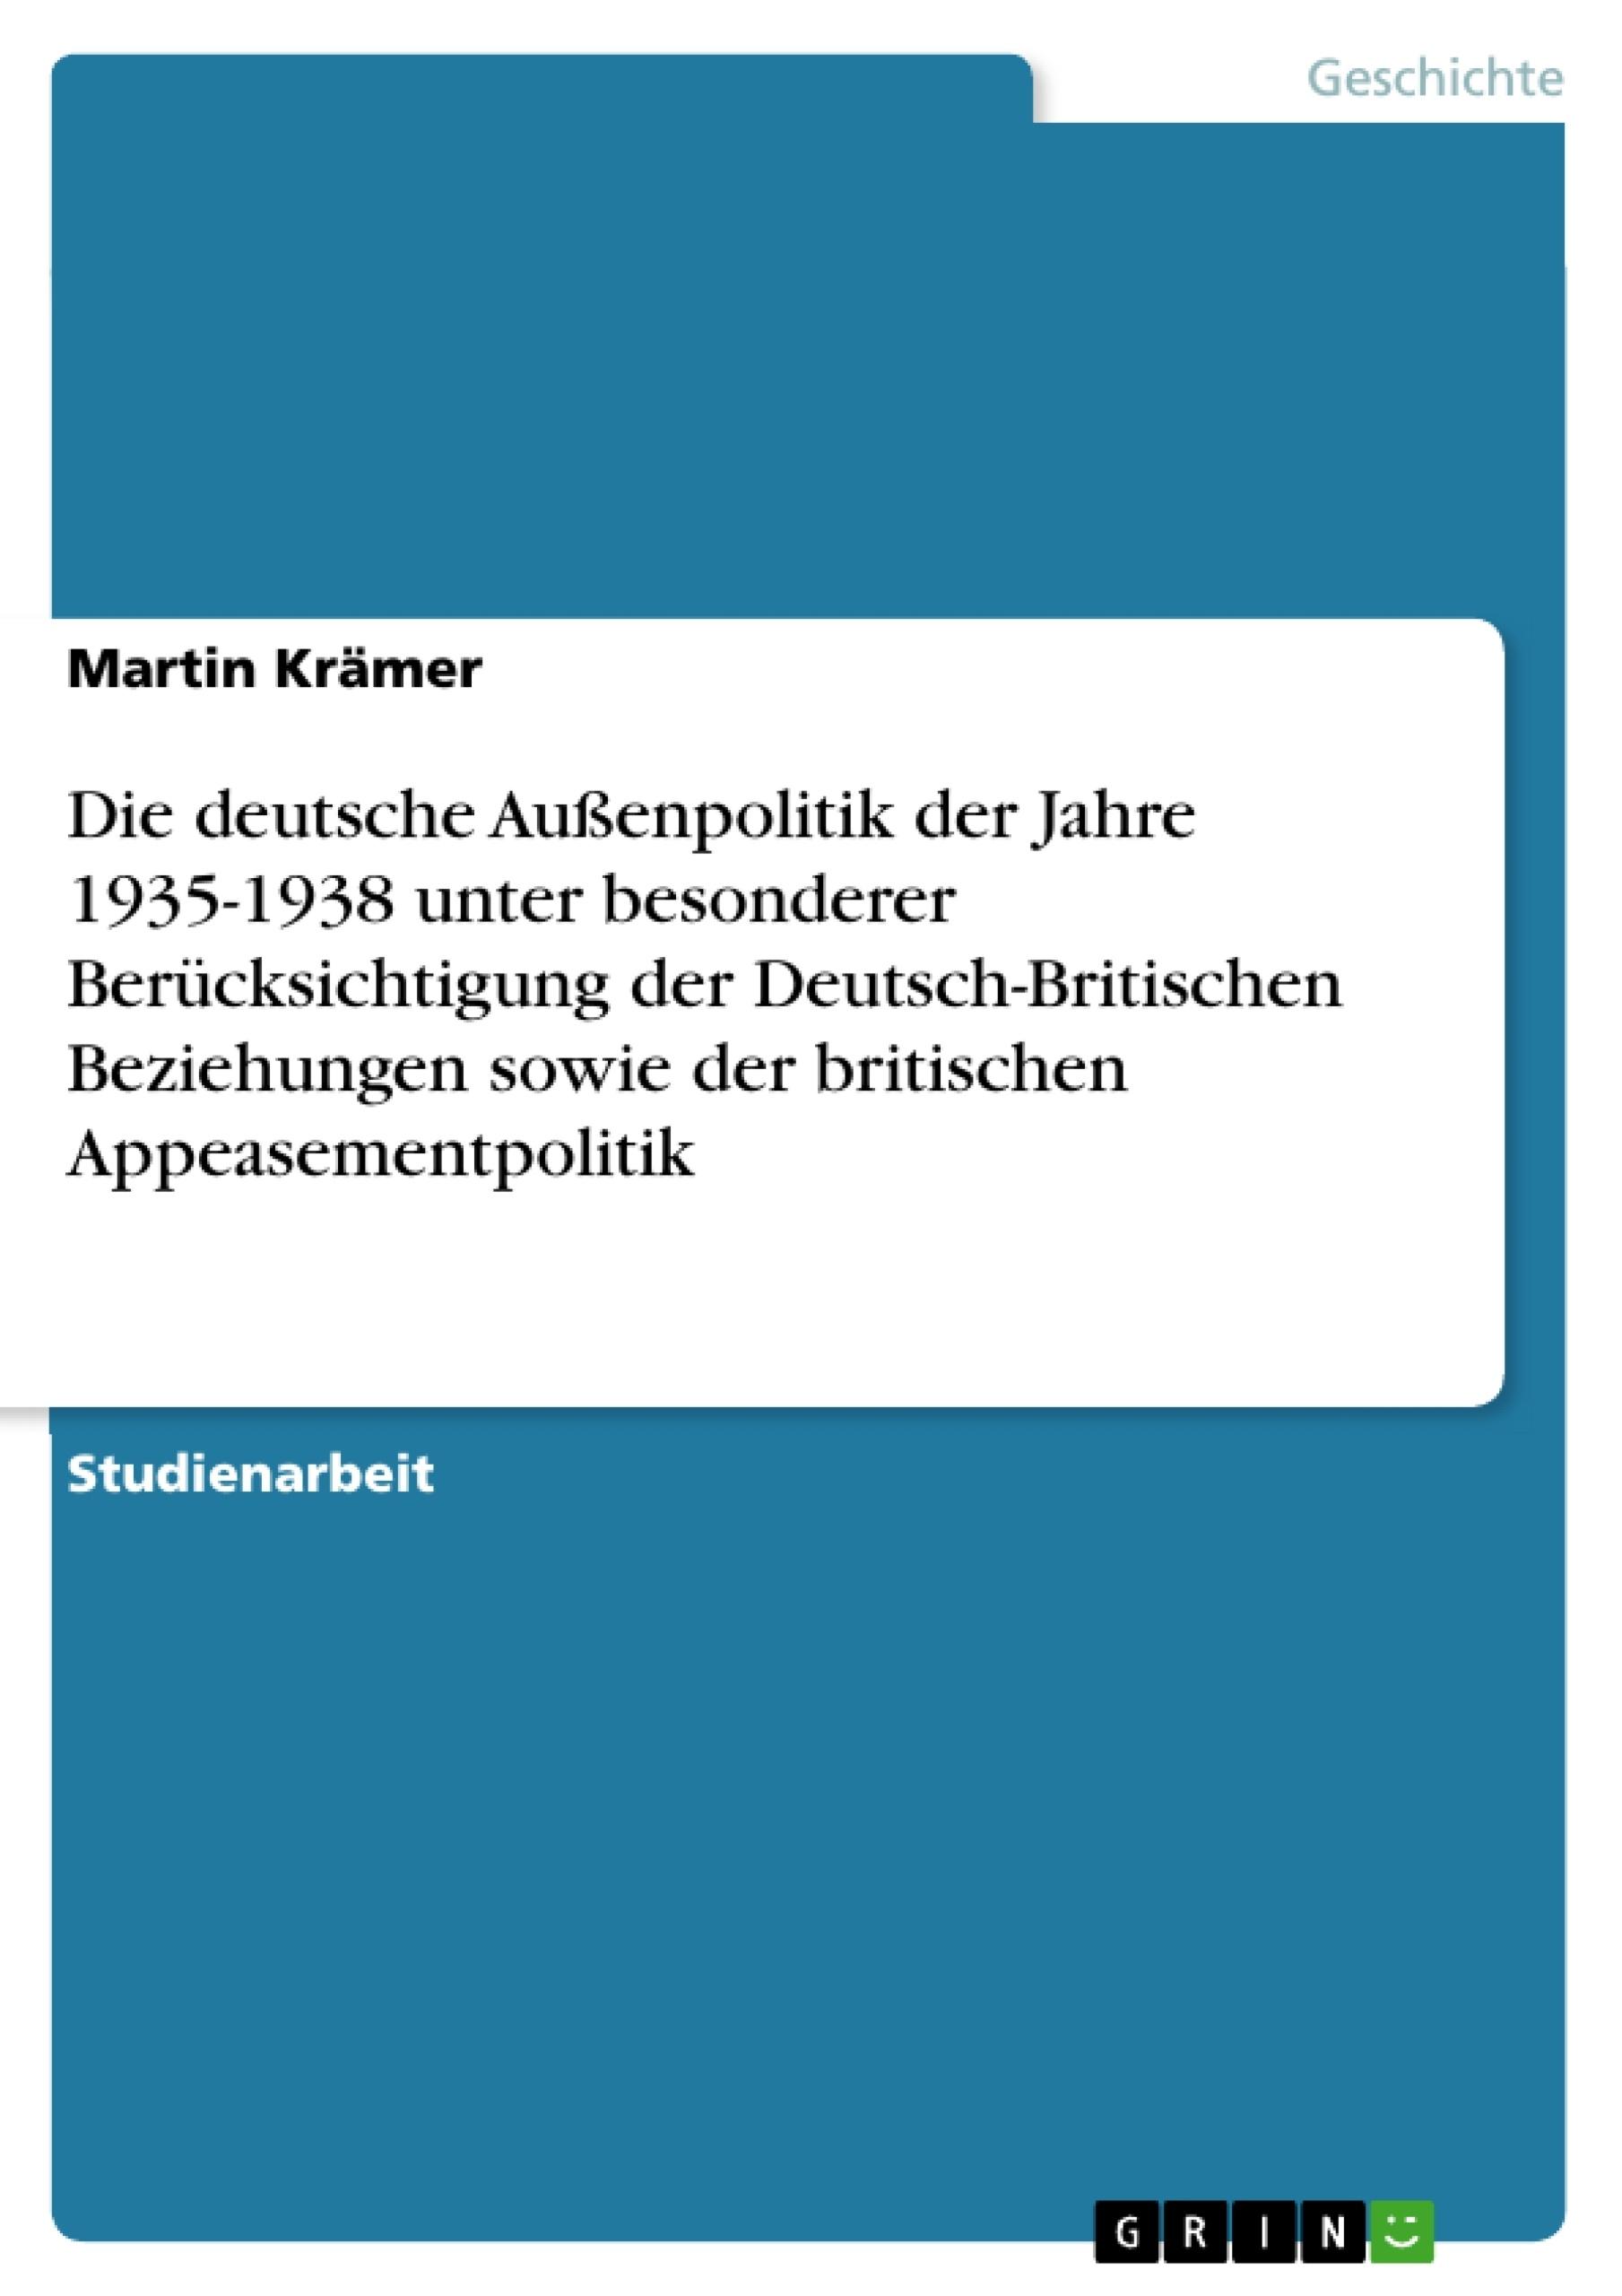 Titel: Die deutsche Außenpolitik der Jahre 1935-1938 unter besonderer Berücksichtigung der Deutsch-Britischen Beziehungen sowie der britischen Appeasementpolitik